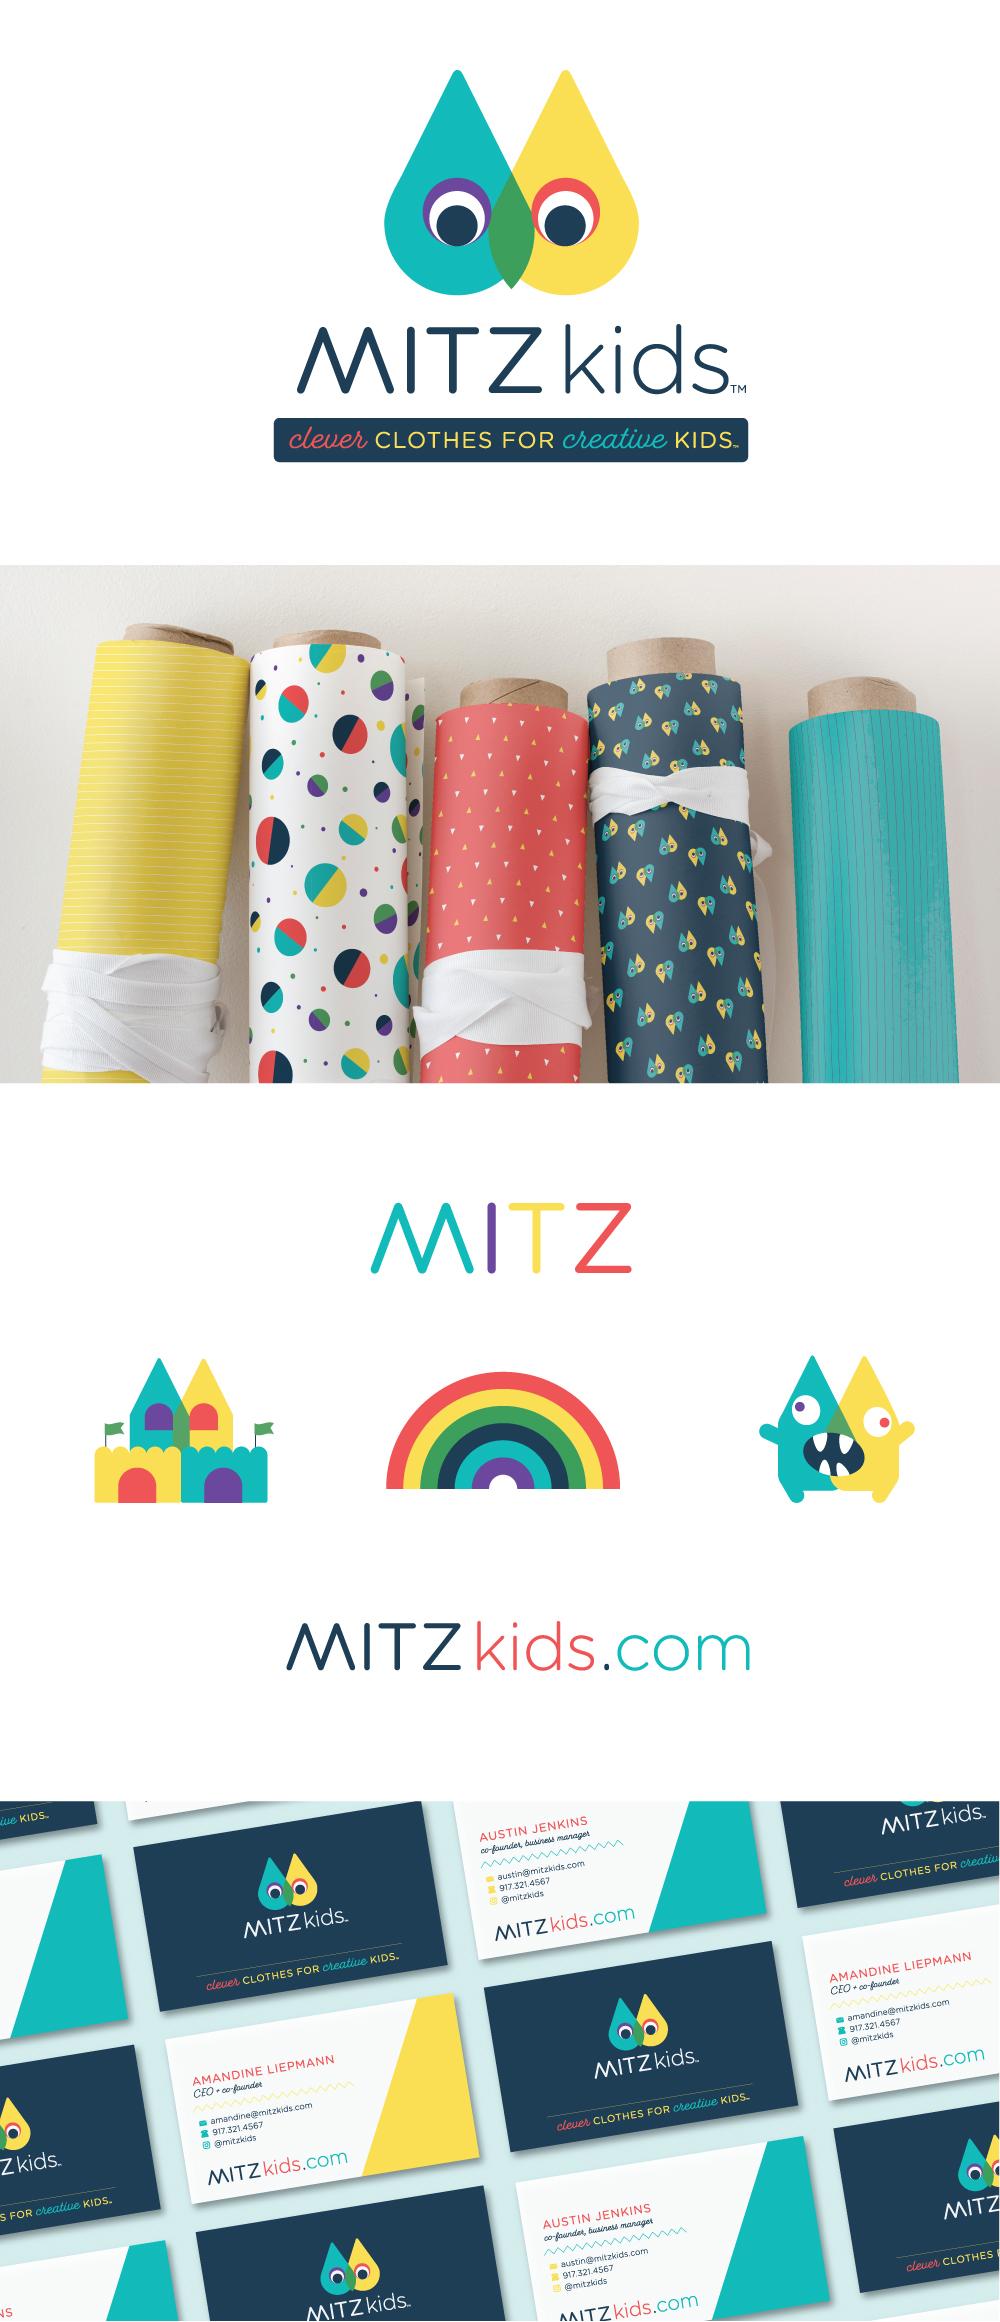 mitz_branding_overview.jpg